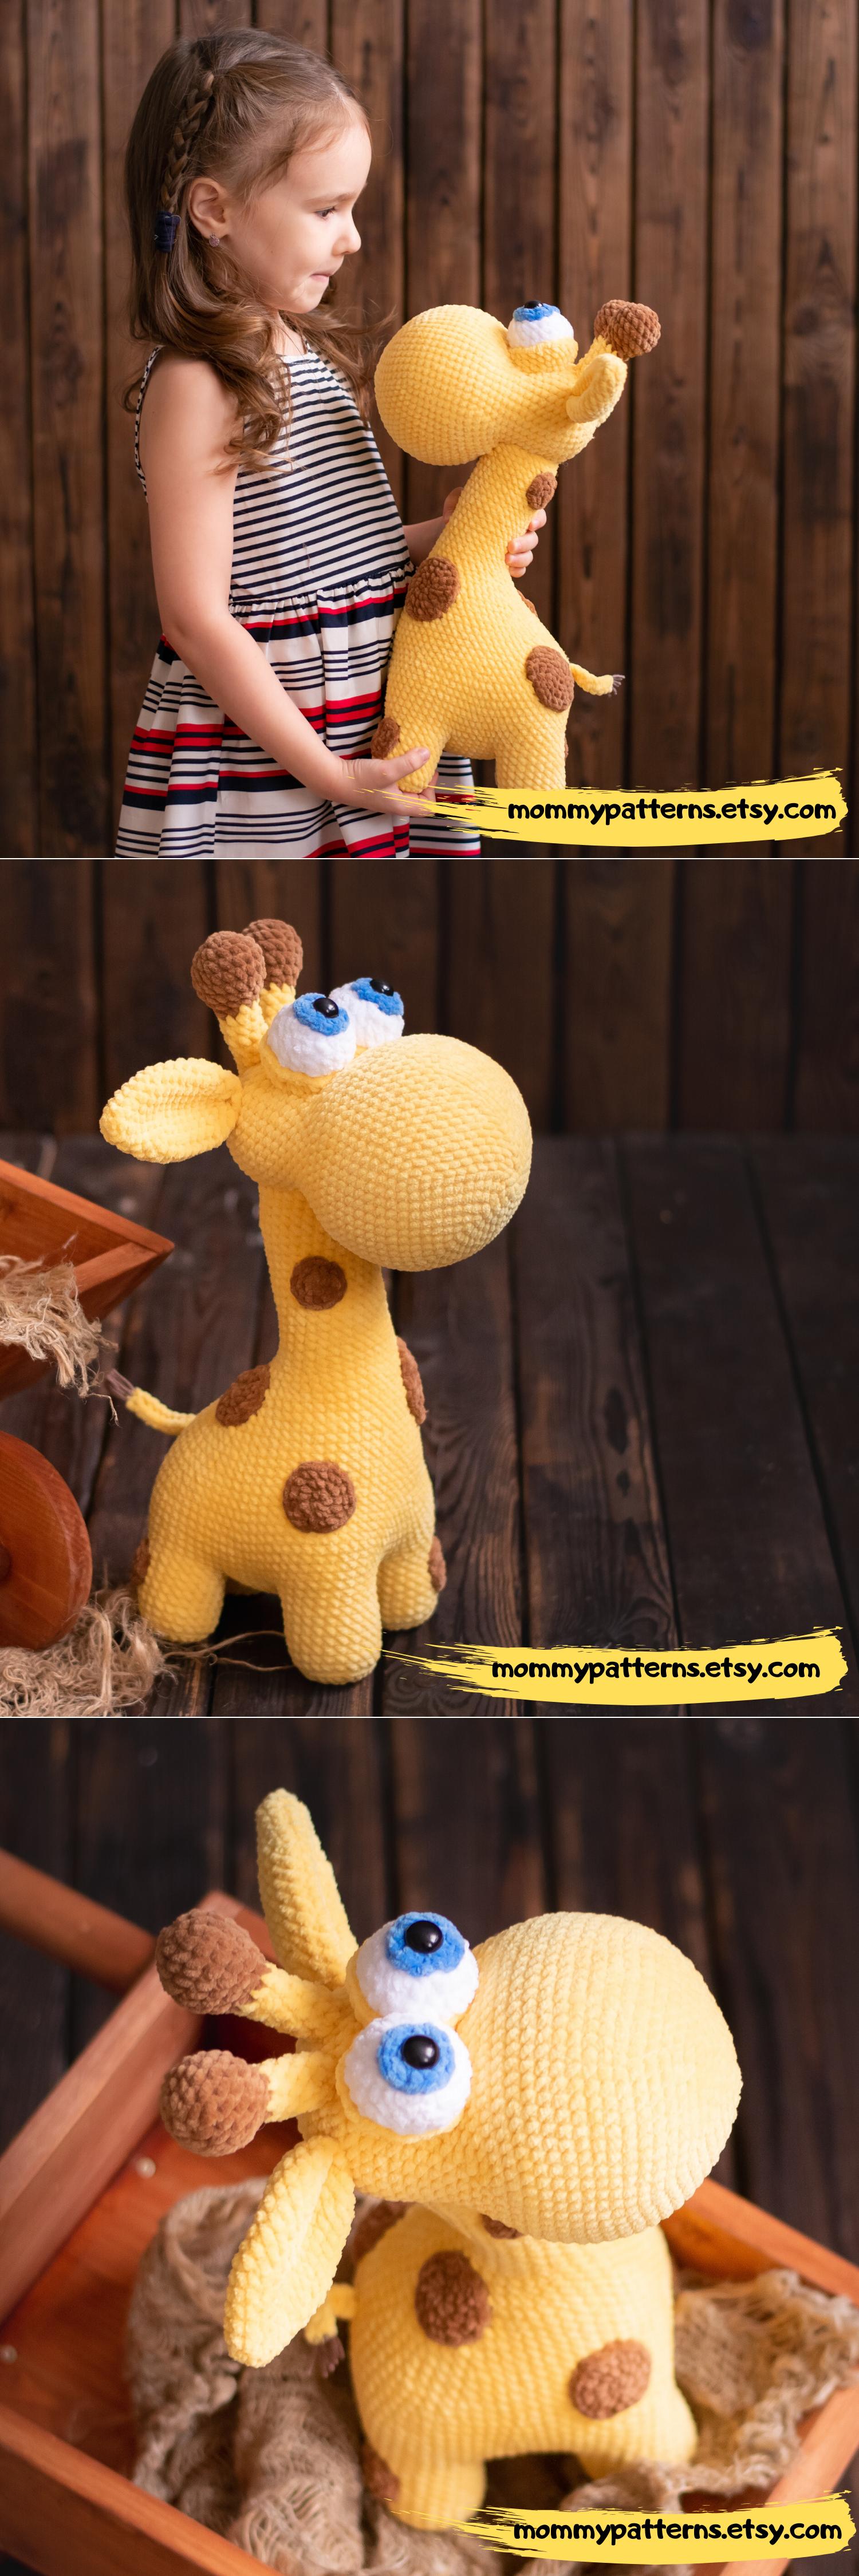 CROCHET PATTERN toy Giraffe